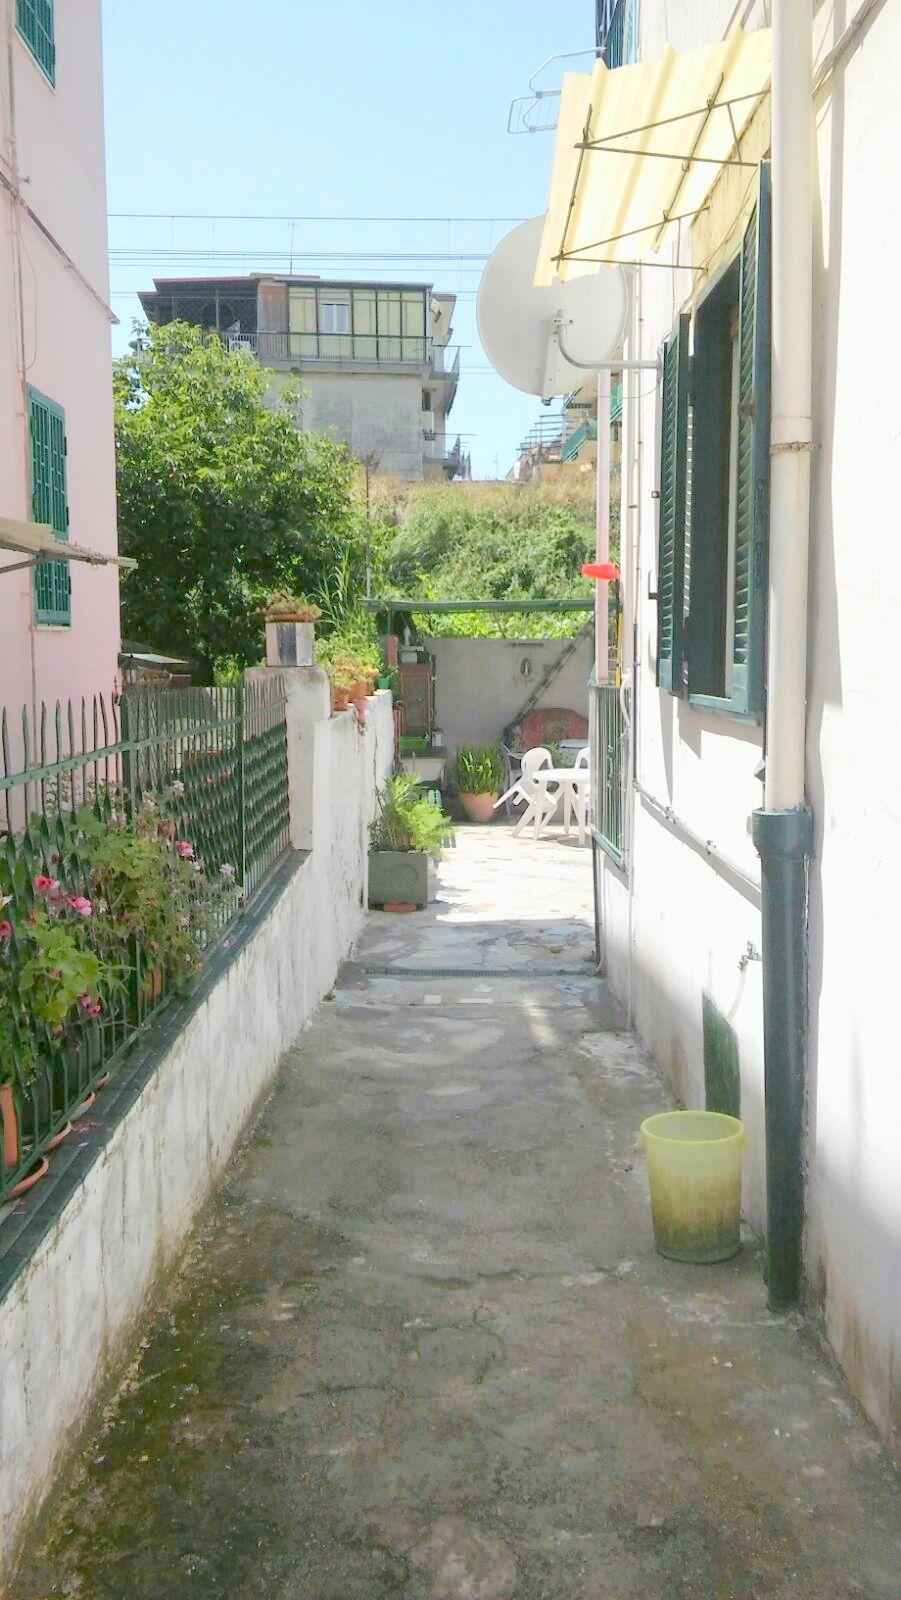 Bilocale Napoli Via Alessandro D'alessandro 4